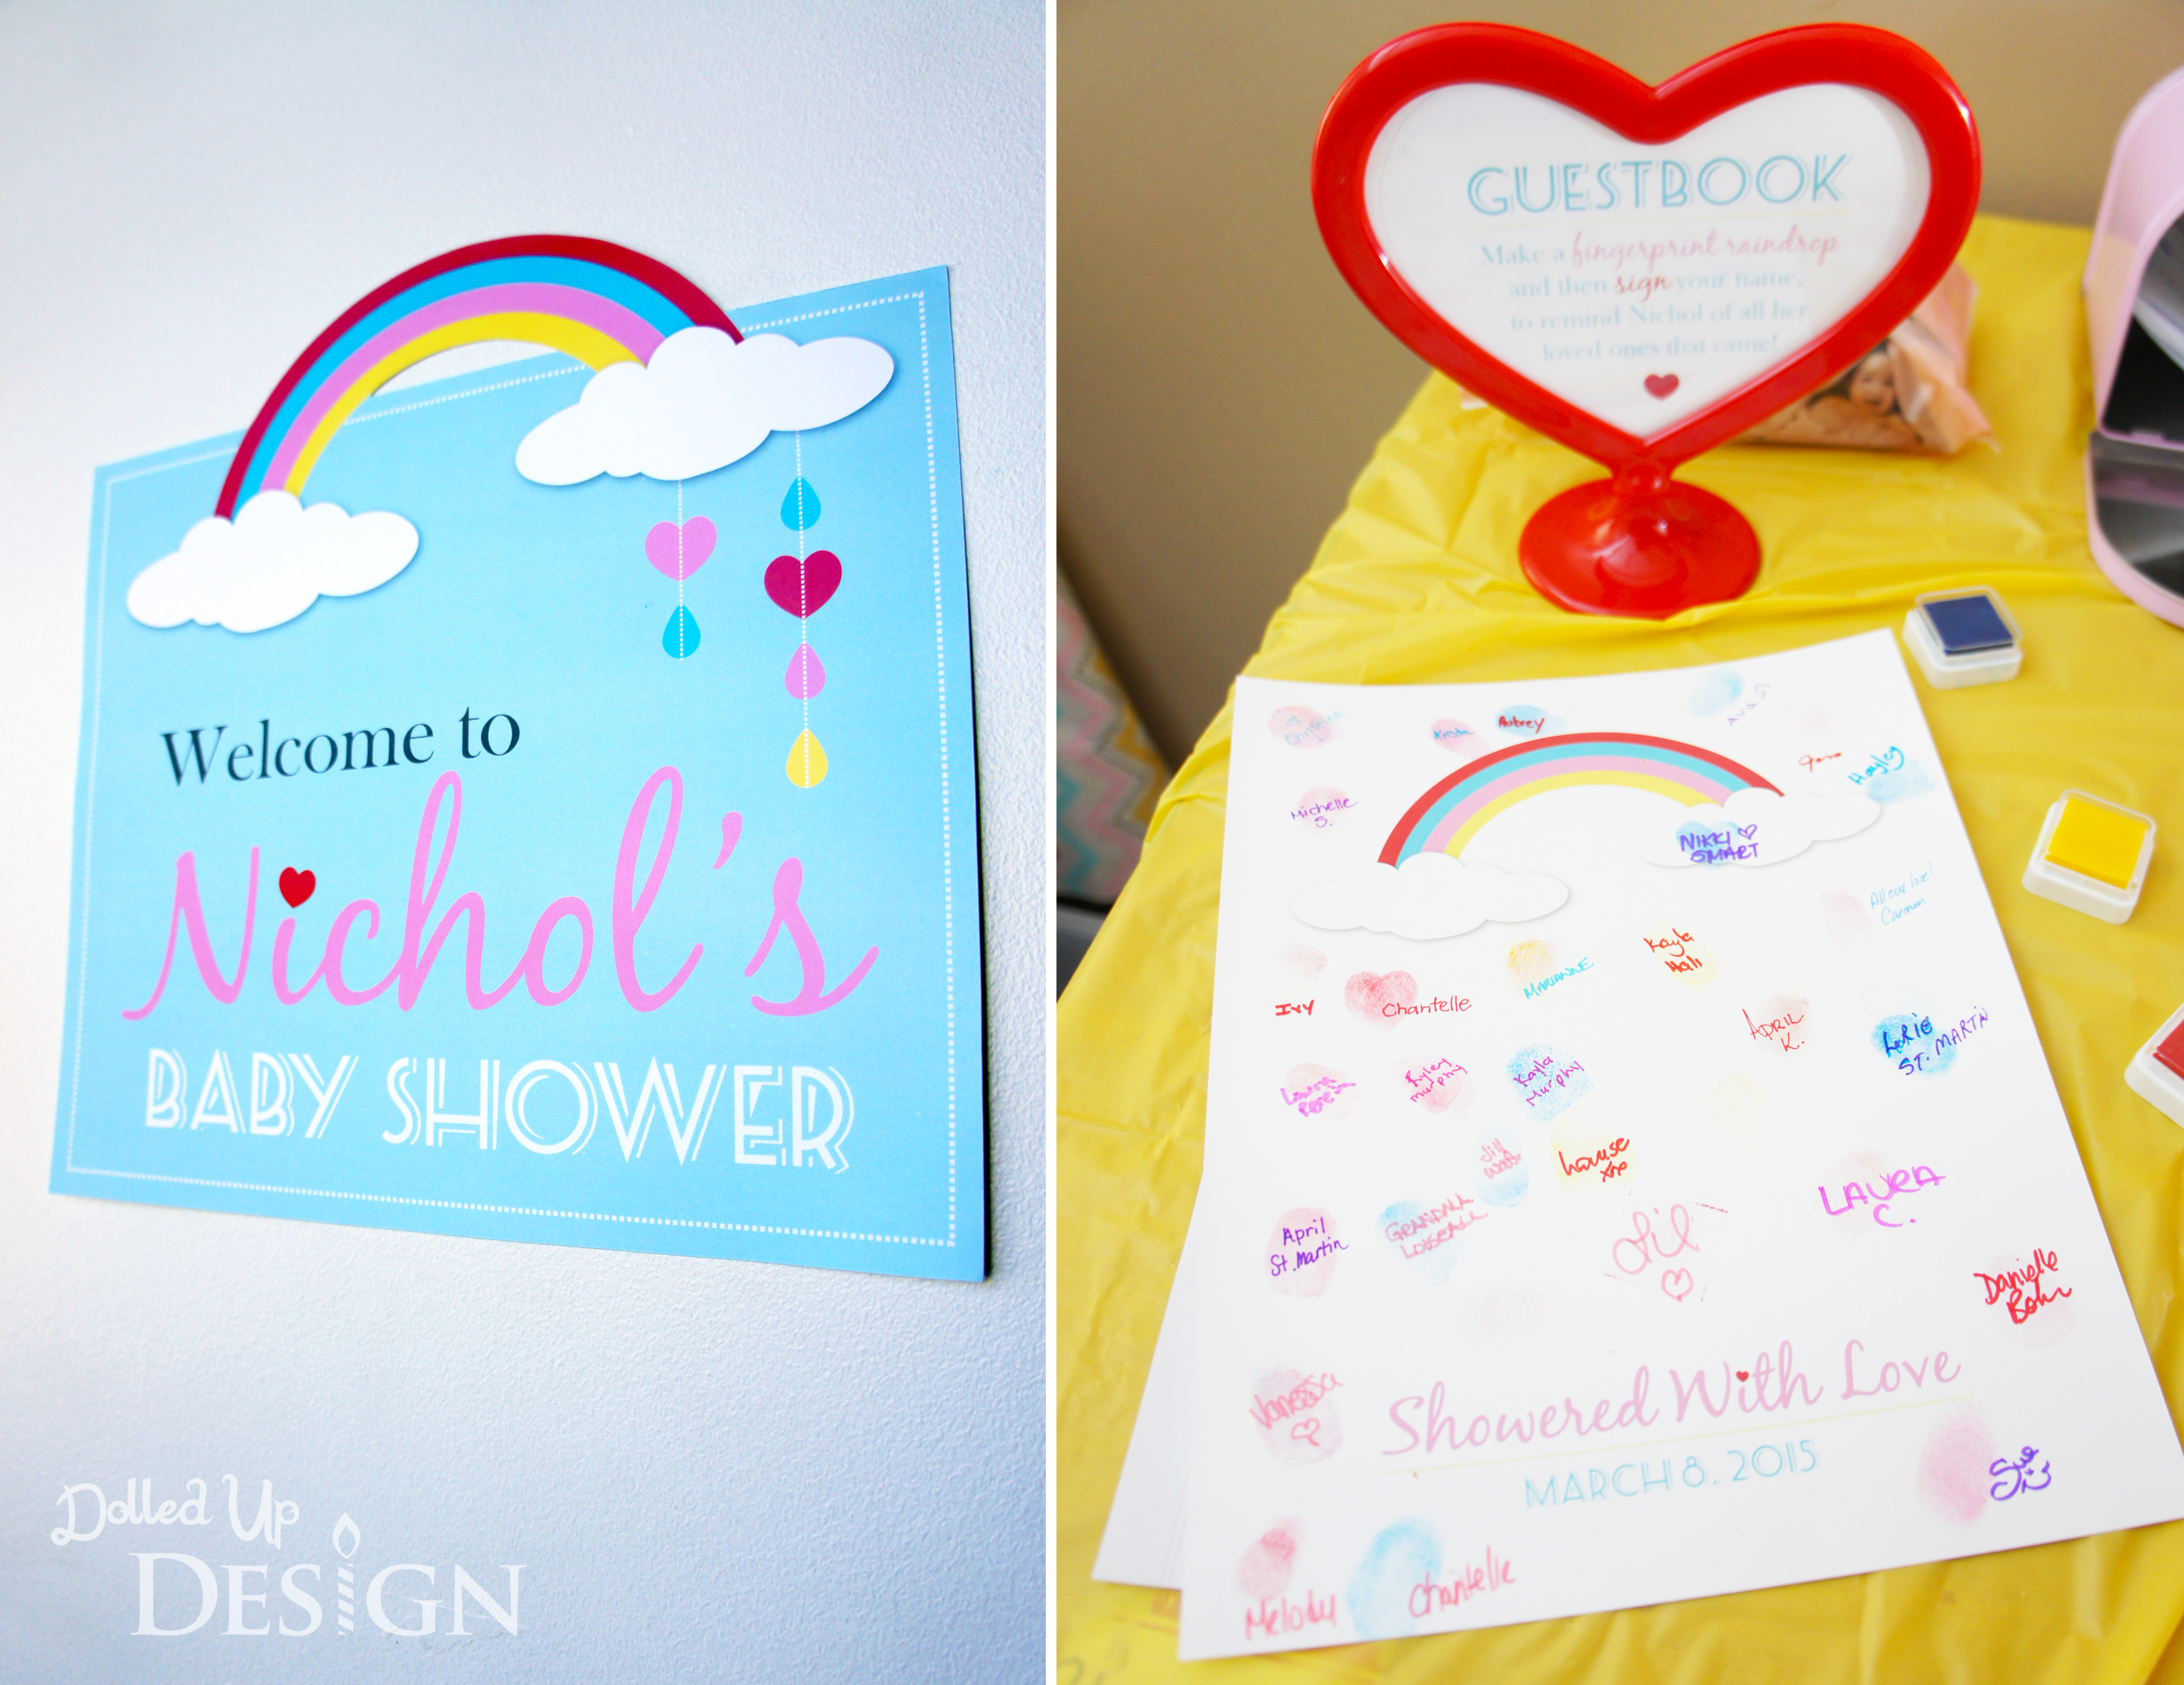 Baby Shower Ideas Guest Book ~ Raindrop fingerprint guestbook